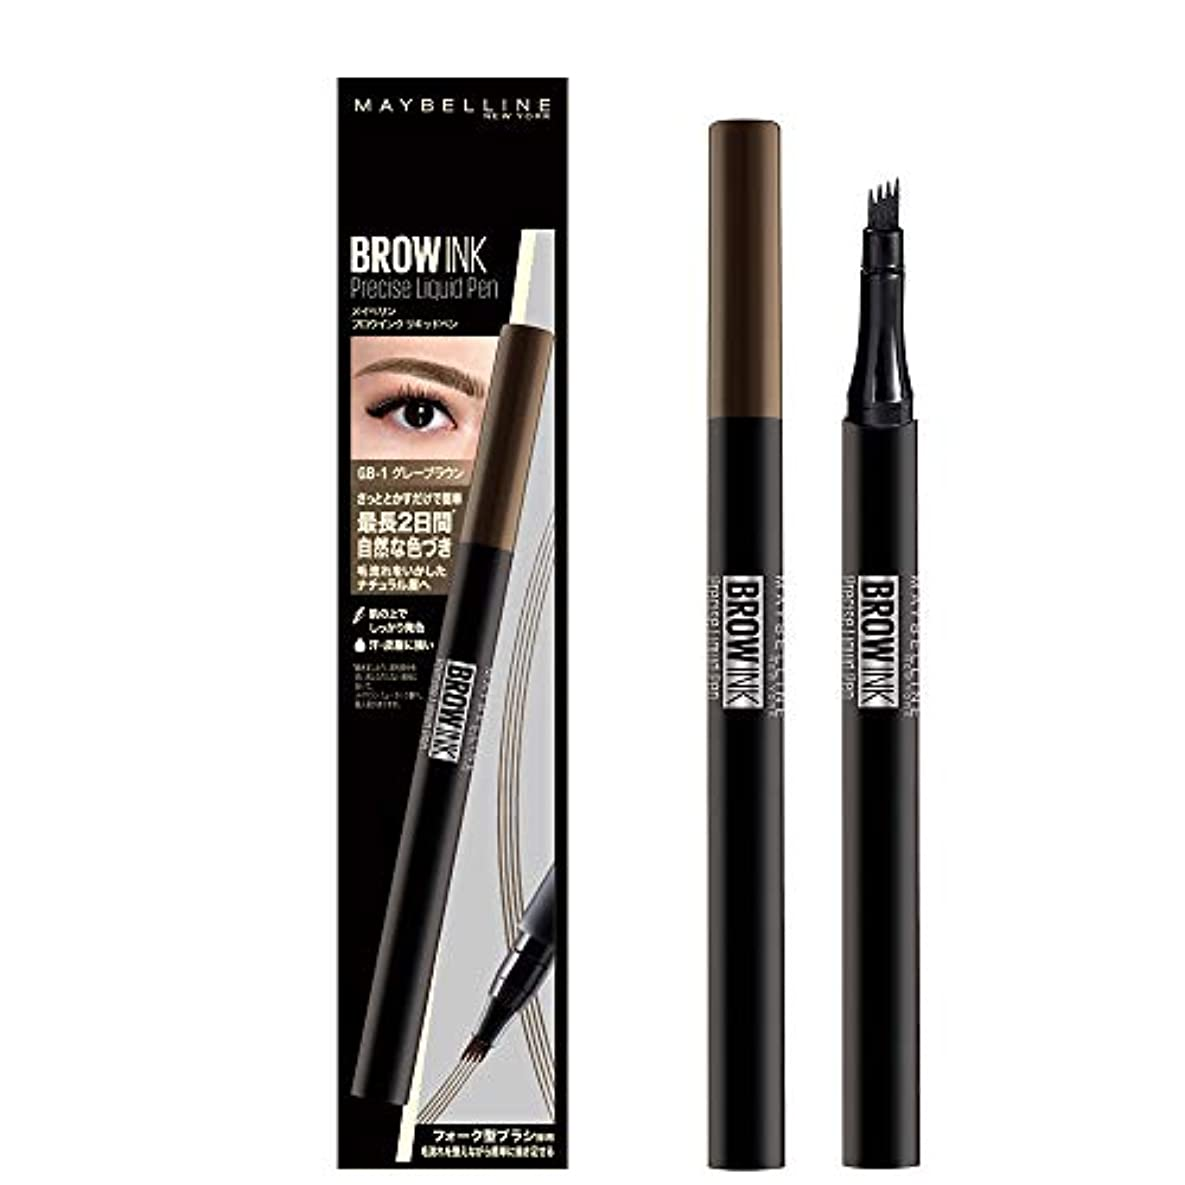 有益な扇動韓国語メイベリン アイブロウ ブロウインク リキッドペン GB-1 グレーブラウン ウォータープルーフ